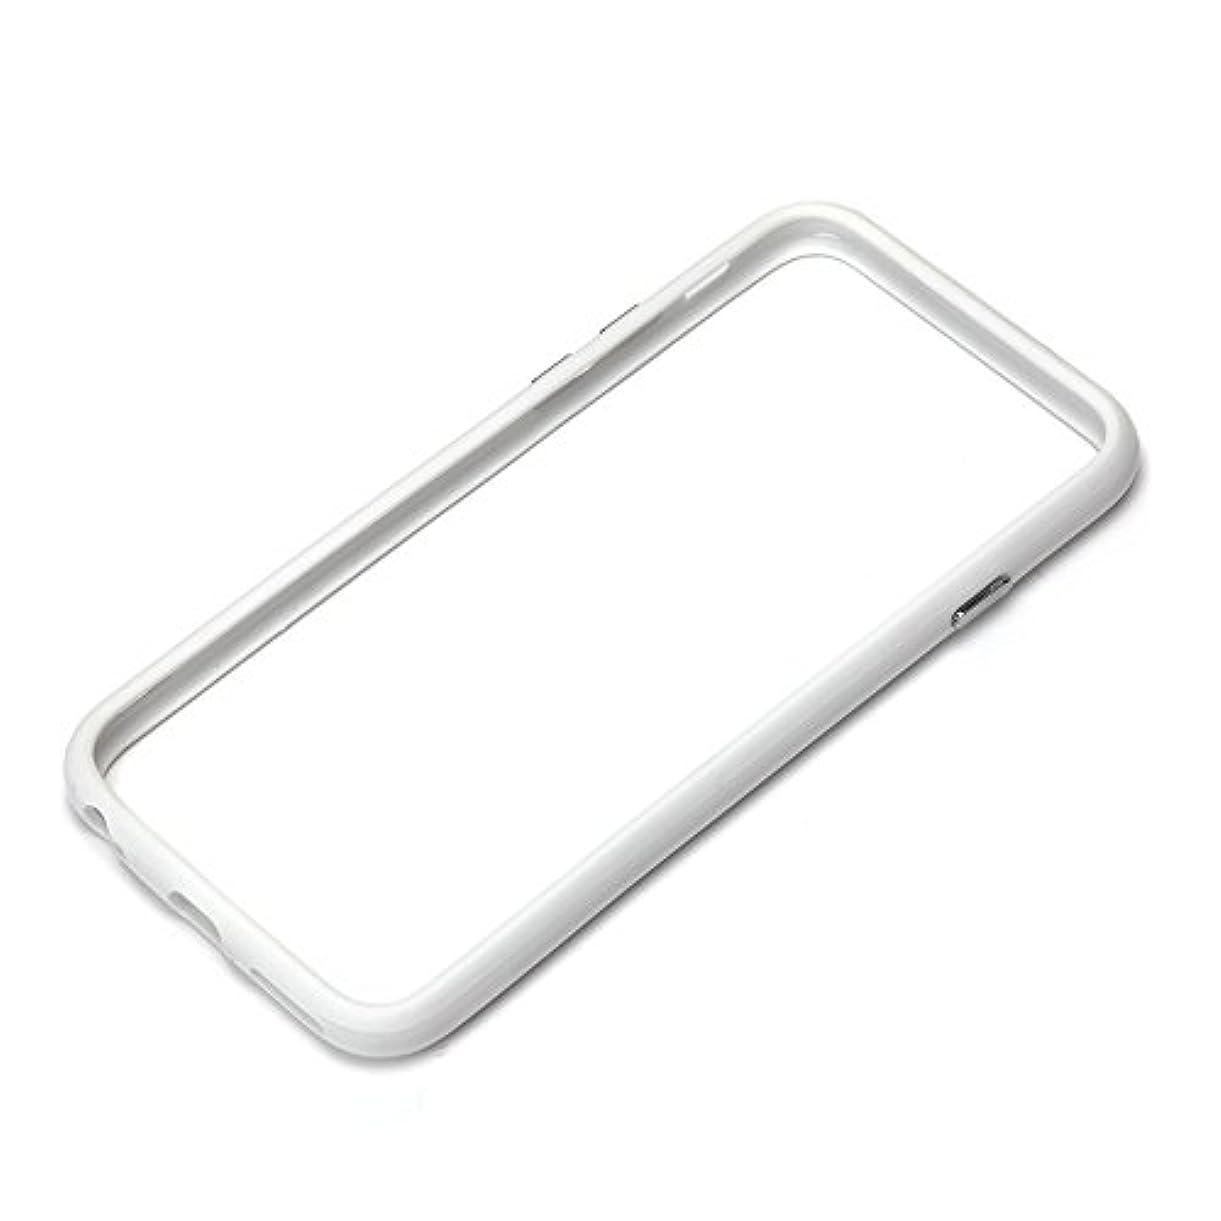 否認するたらいそれによってiJacket iPhone 6用 ハイブリッドバンパー ホワイト PG-I6BP02WH PG-I6BP02WH